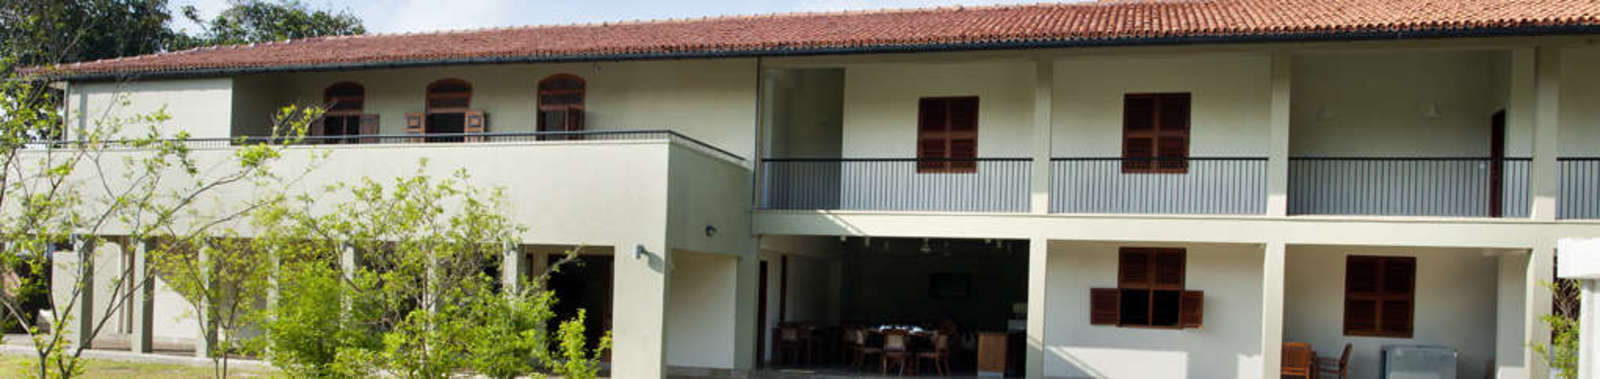 1JaffnaHeritage,Jaffna,SriLanka